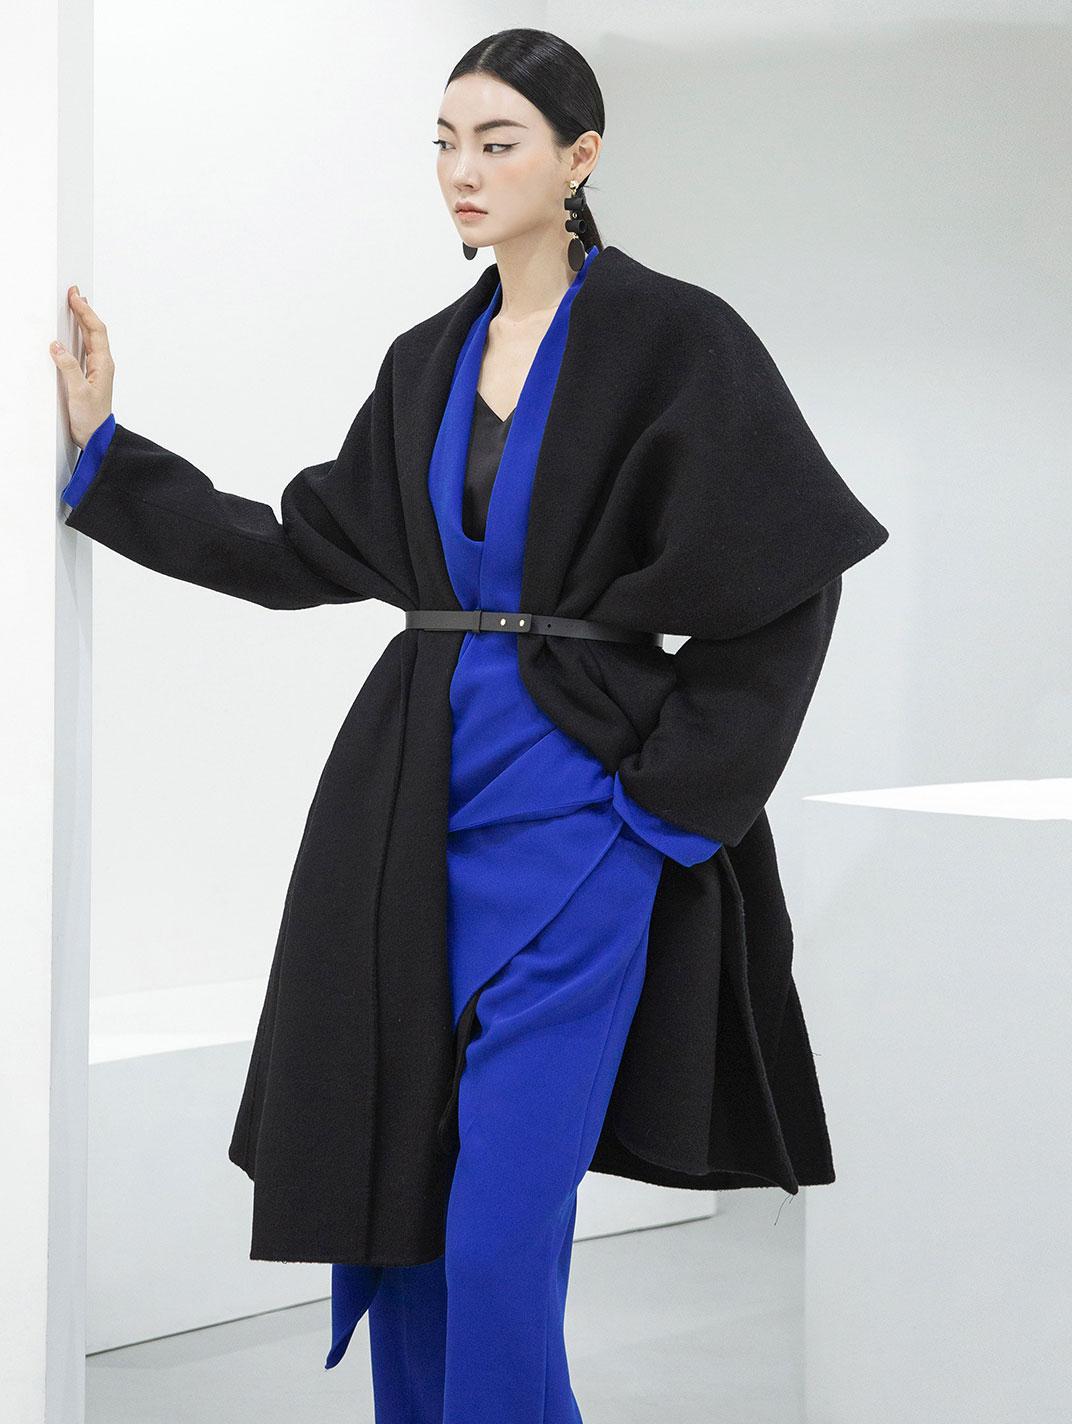 J855 正装短领羊毛大衣 (腰带组合) *手工制作*